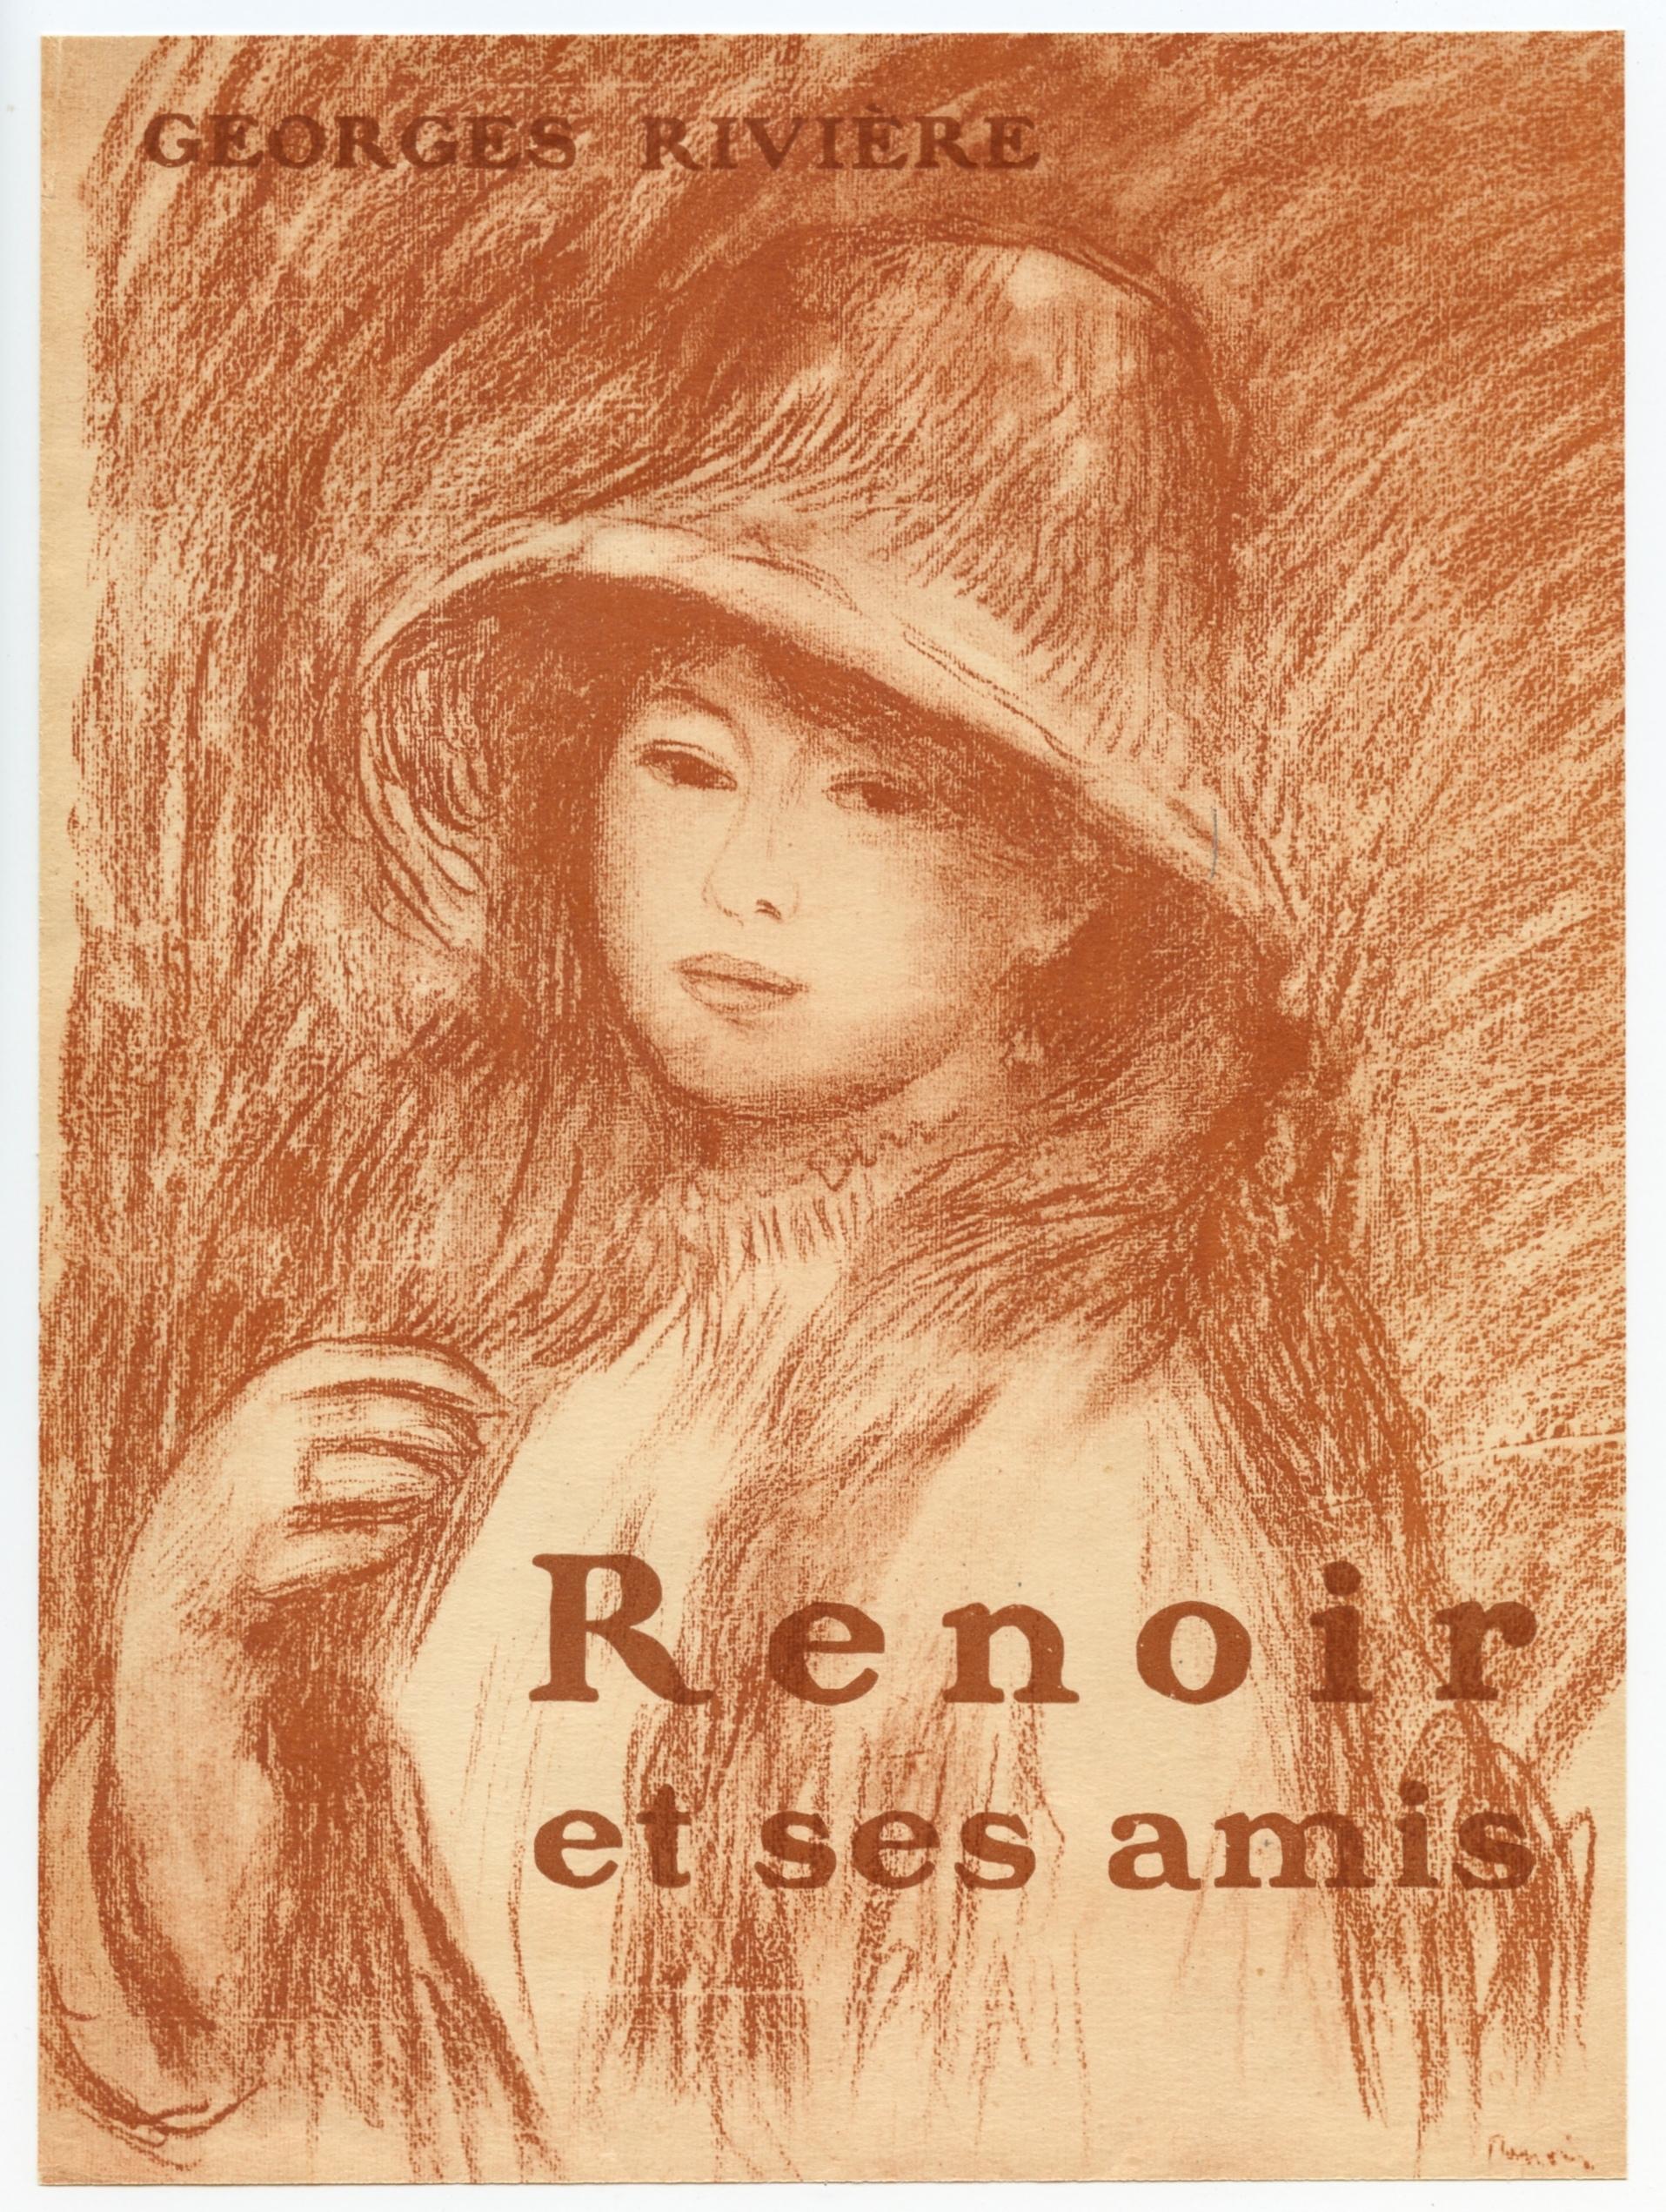 PierreAuguste Renoir lithograph Tete de Jeune Fille